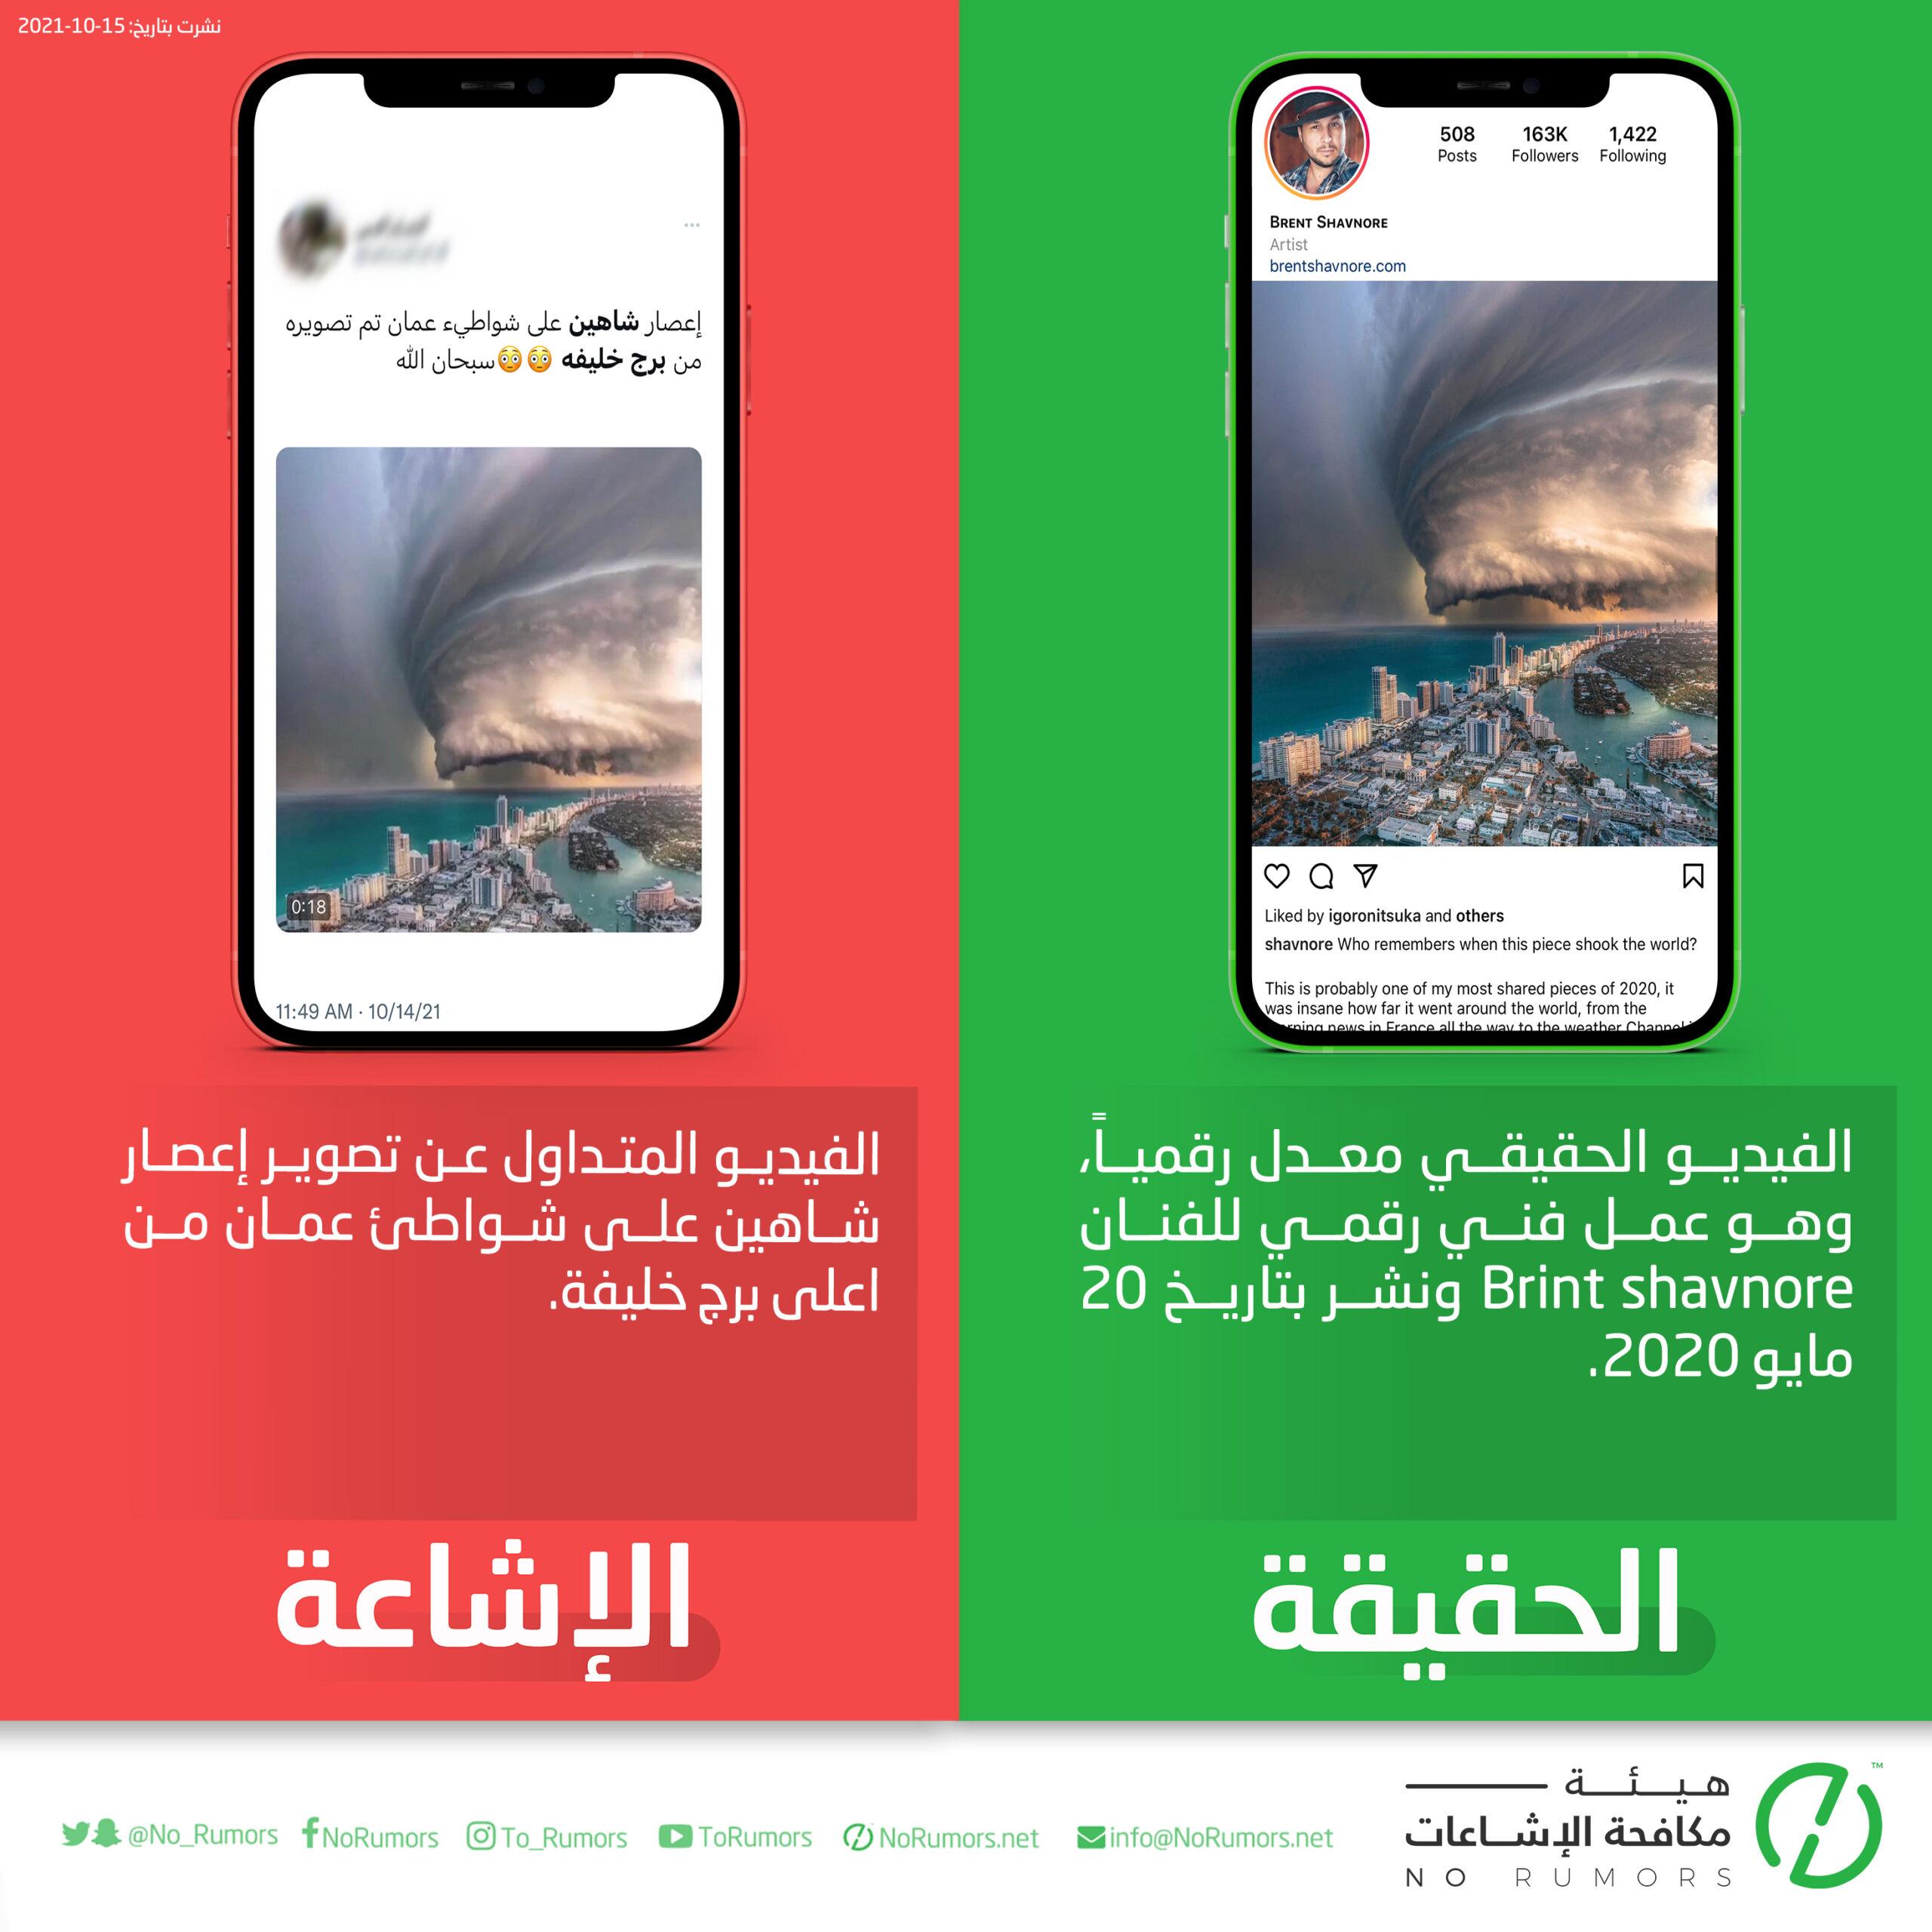 حقيقة الفيديو المتداول عن تصوير إعصار شاهين على شواطئ عمان من اعلى برج خليفة